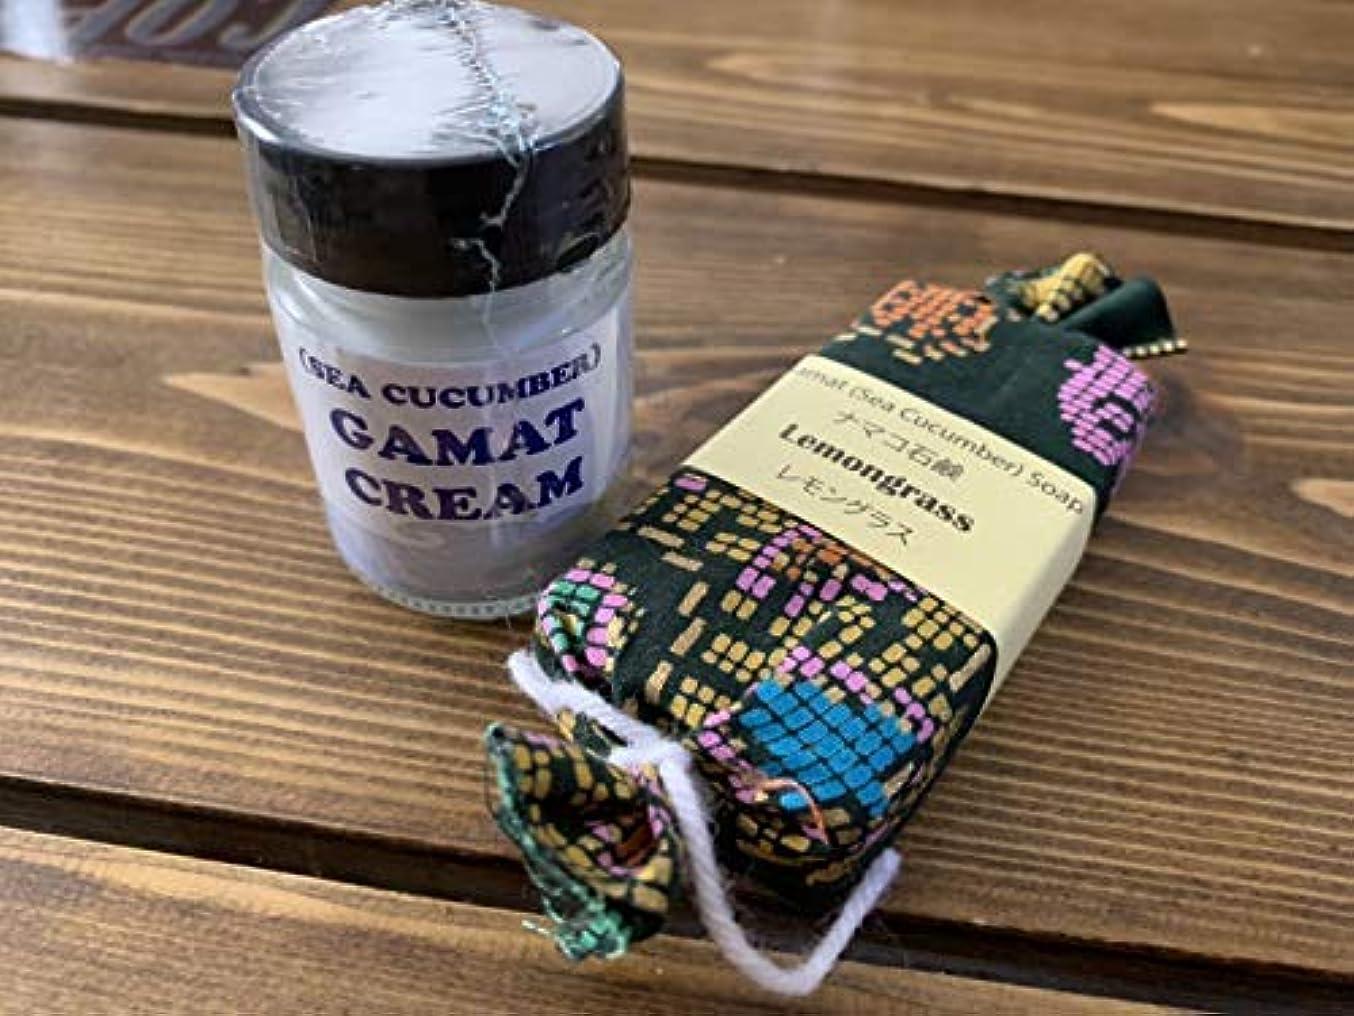 虹かわいらしい湿ったなまこ石鹸 (レモングラス)【45g】&なまこクリーム【20g】**お得セット** Gamat(Sea Cucumber) Soap Lemongrass & Gamat(Sea Cucumber) Cream Set...